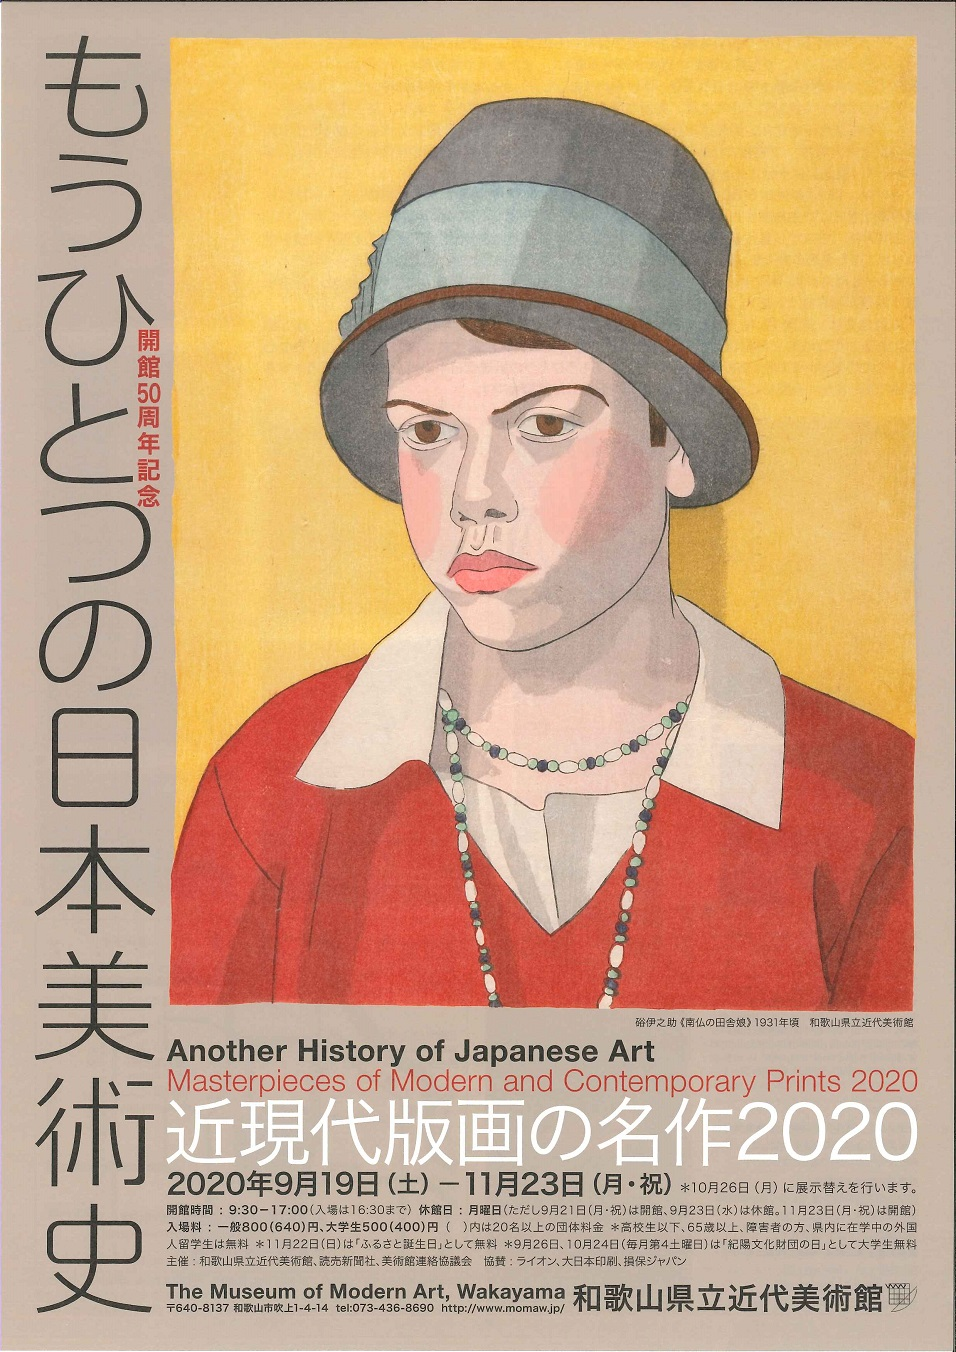 開館50周年記念 もうひとつの日本美術史 近現代版画の名作2020<br>(和歌山県立近代美術館)